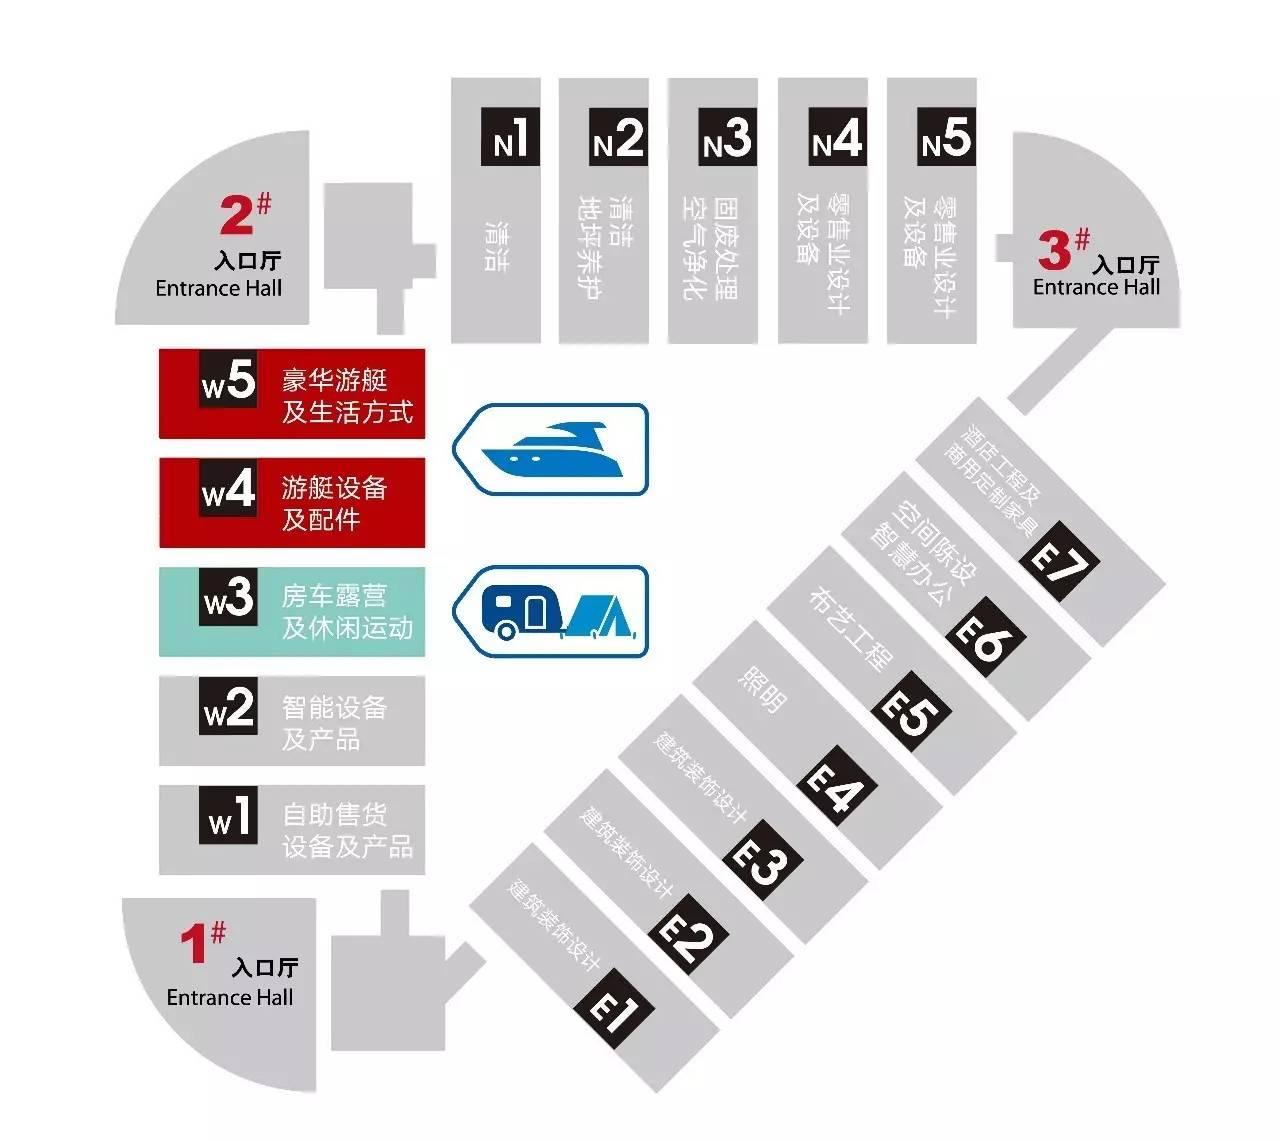 上海酒店,上海国际,亚太地区,知名品牌,生活方式 2017上海国际游艇展就在上海新国际博览中心等你来! 865c253295686ae61203b28b24ca2394.jpg